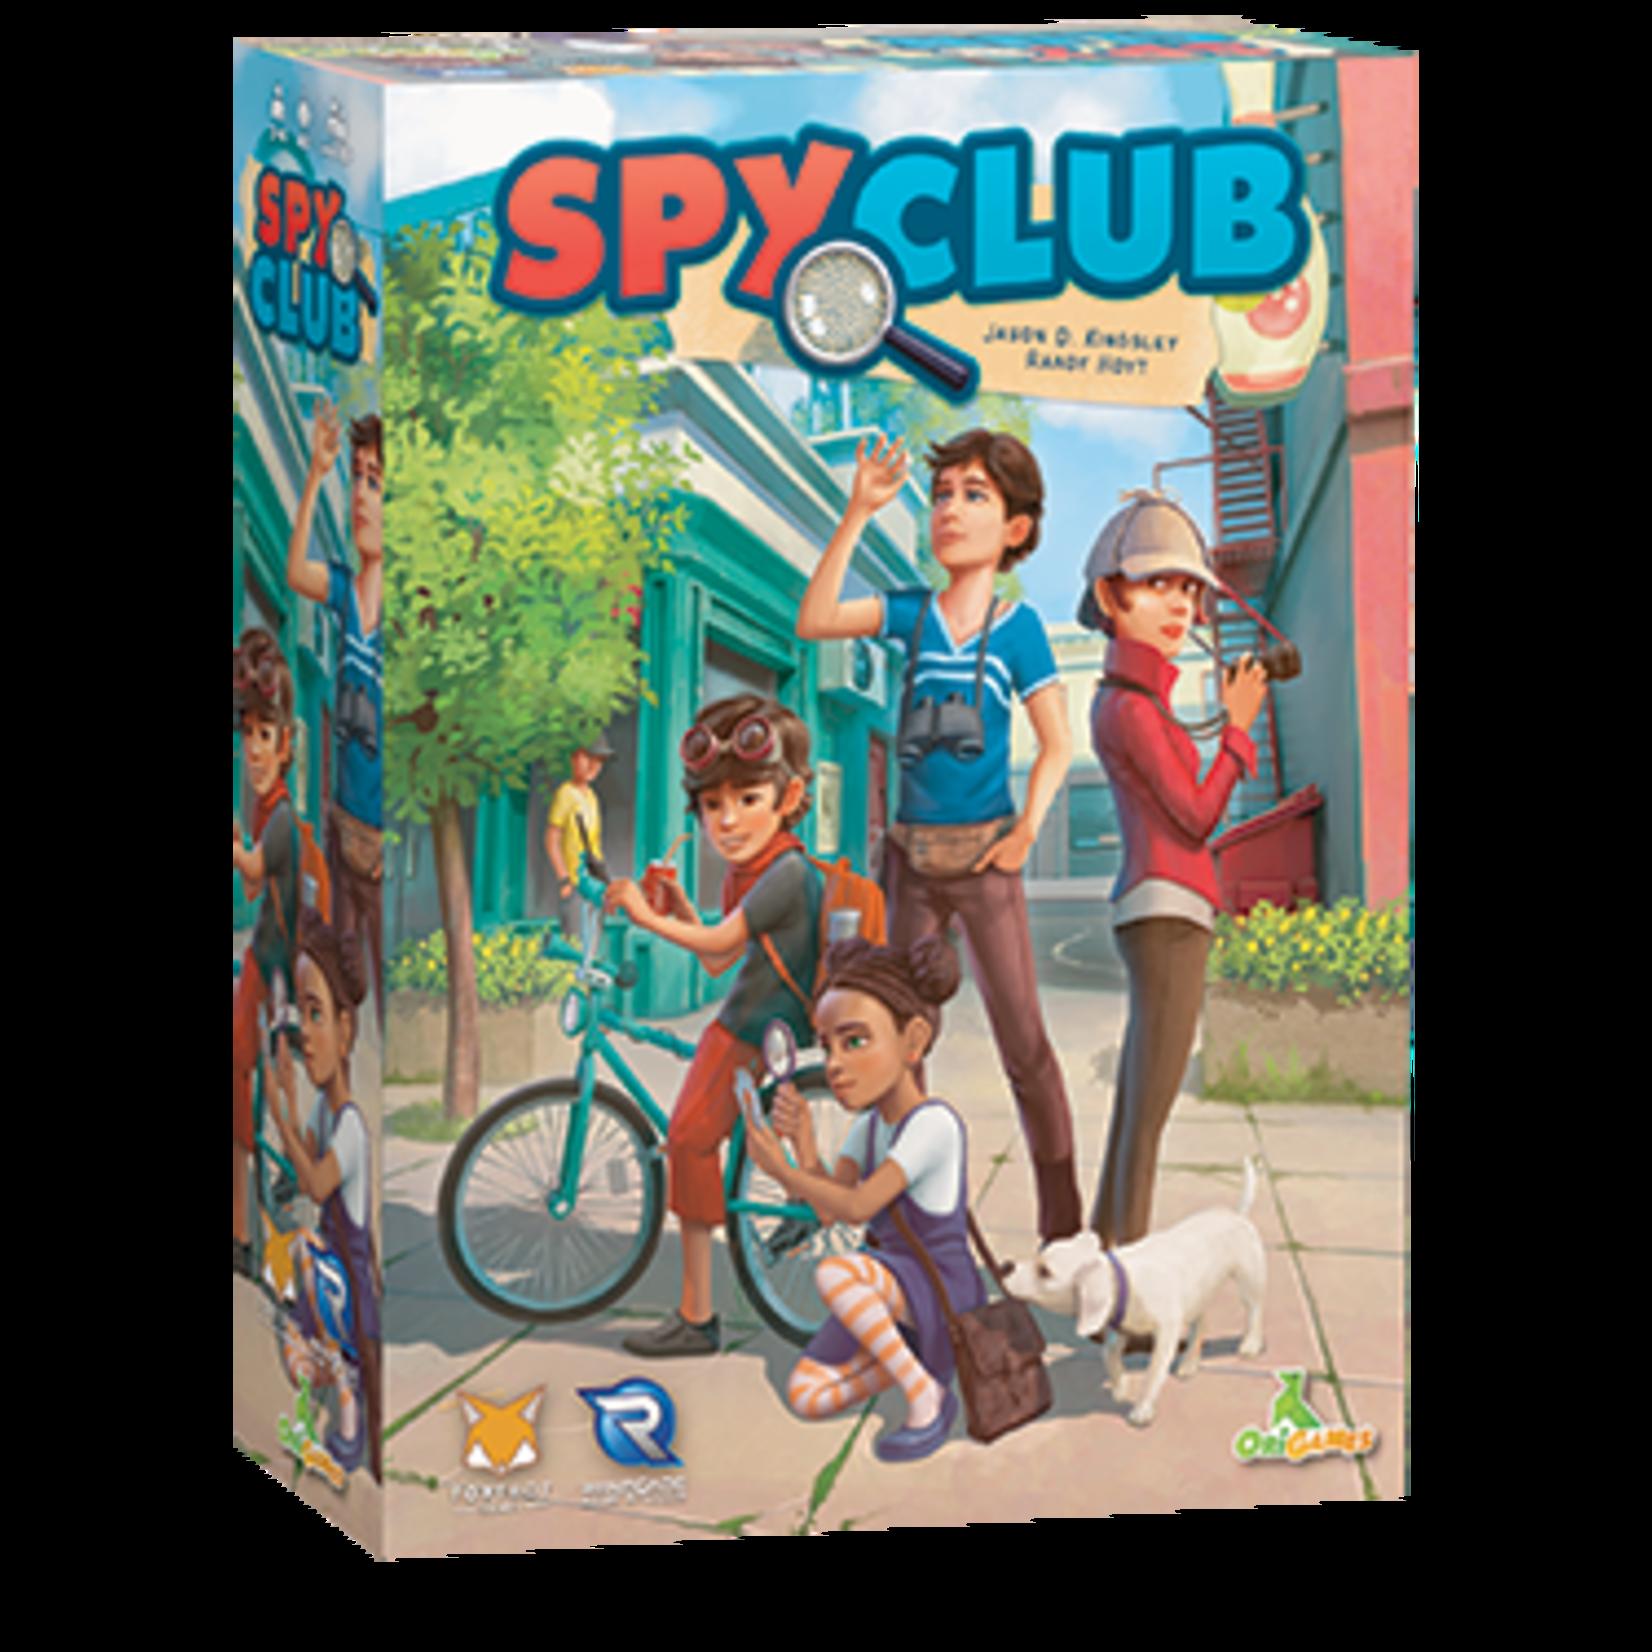 Renegade Spy Club (French)